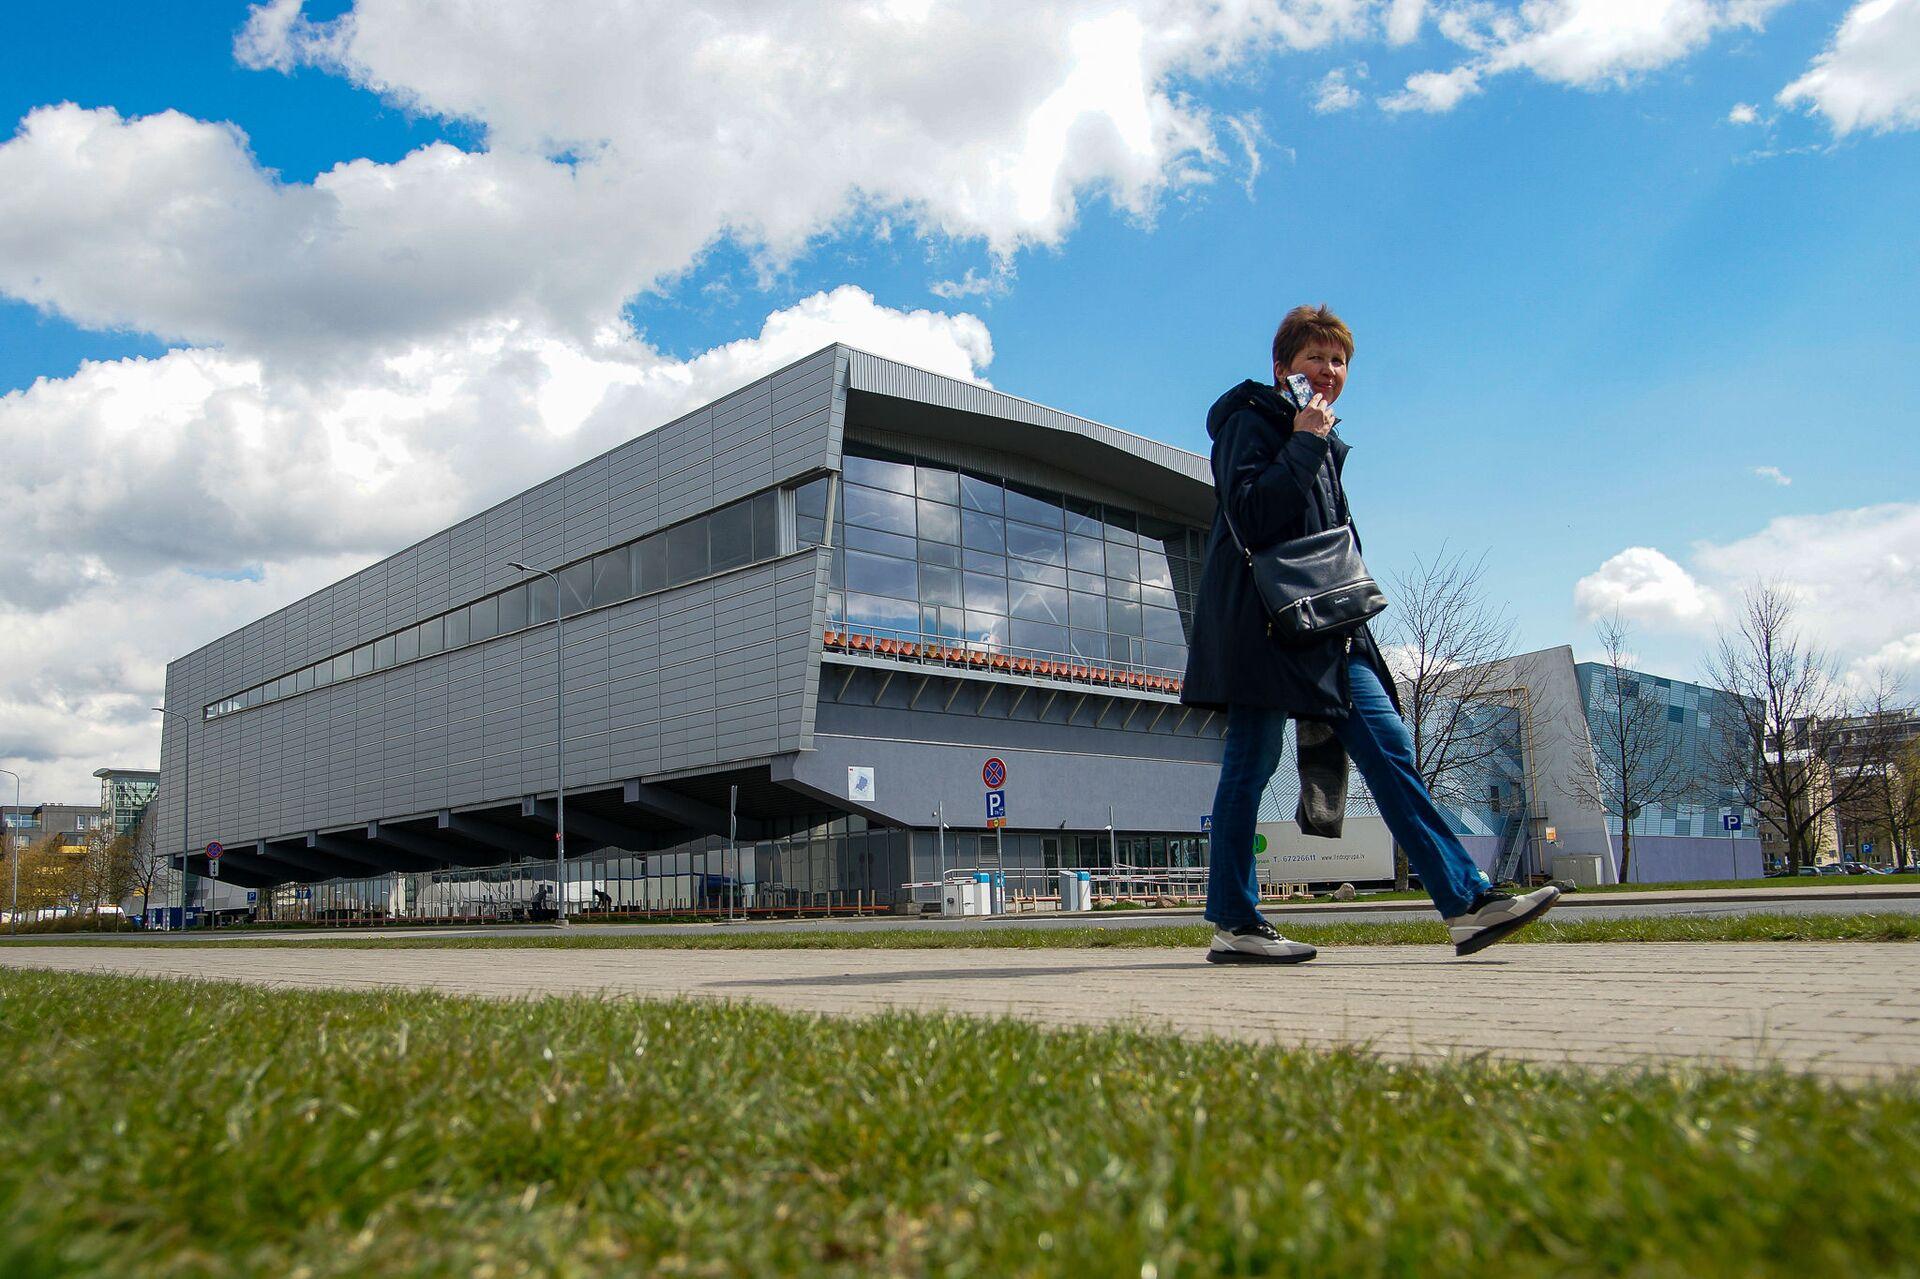 Олимпийский центр в Риге готовится принять матчи чемпионата мира по хоккею - Sputnik Латвия, 1920, 01.06.2021